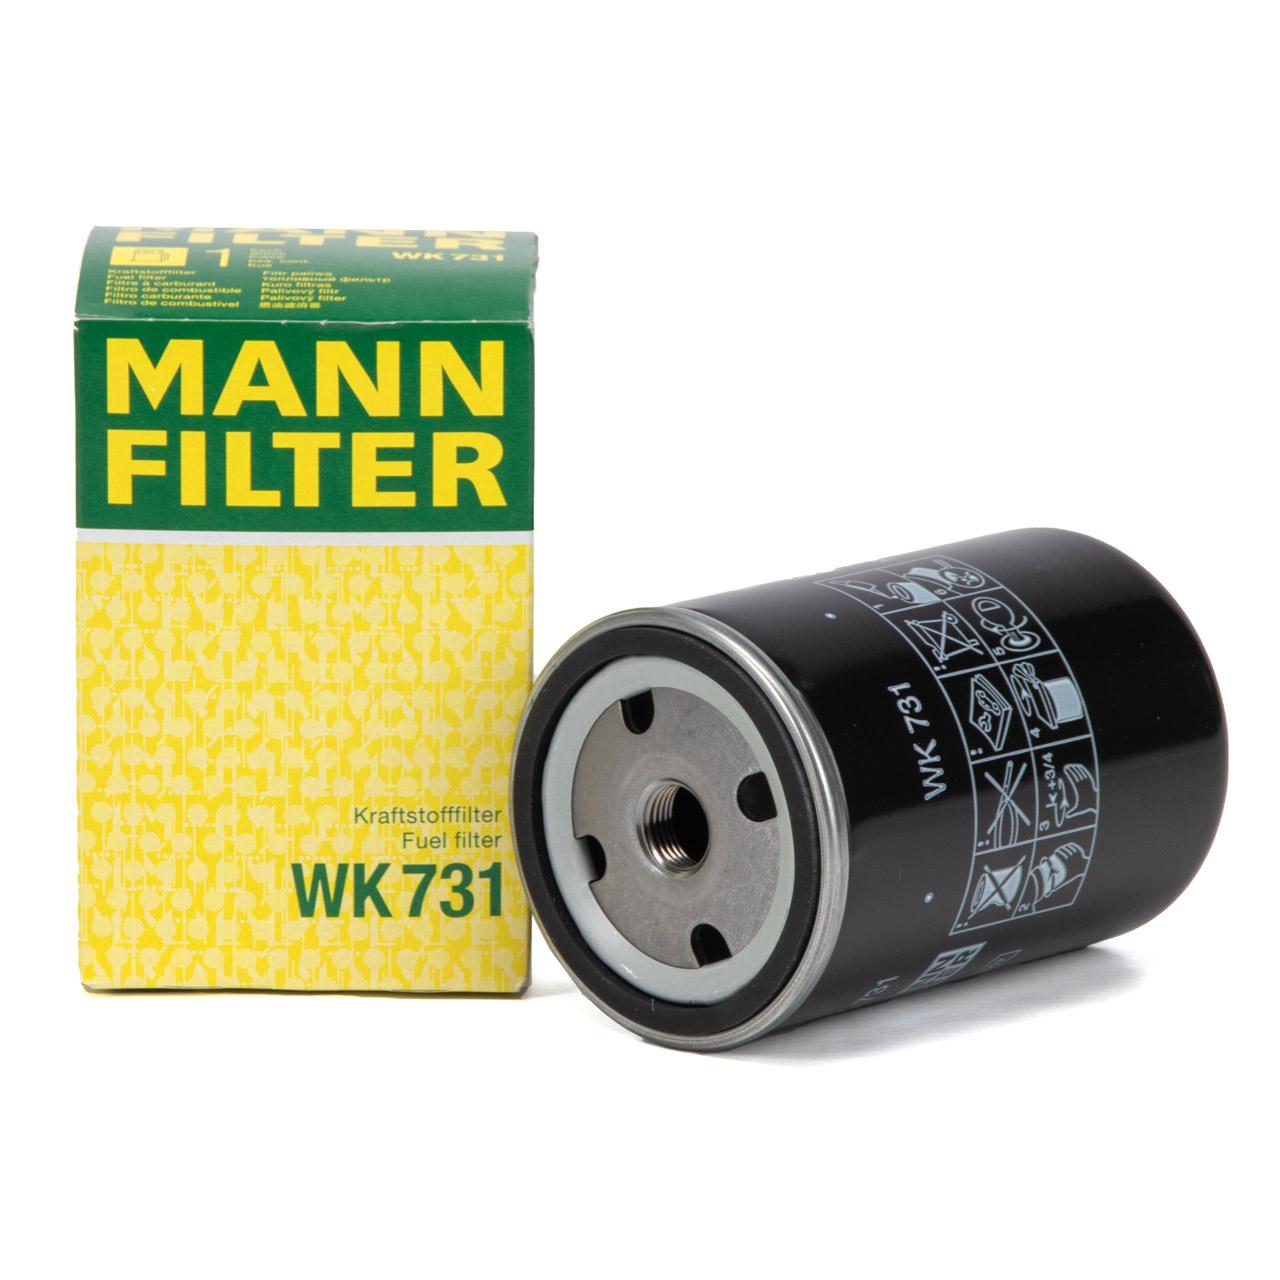 MANN WK731 Kraftstofffilter Dieselfilter für CASE CLAAS DEUTZ FENDT MAN SCANIA